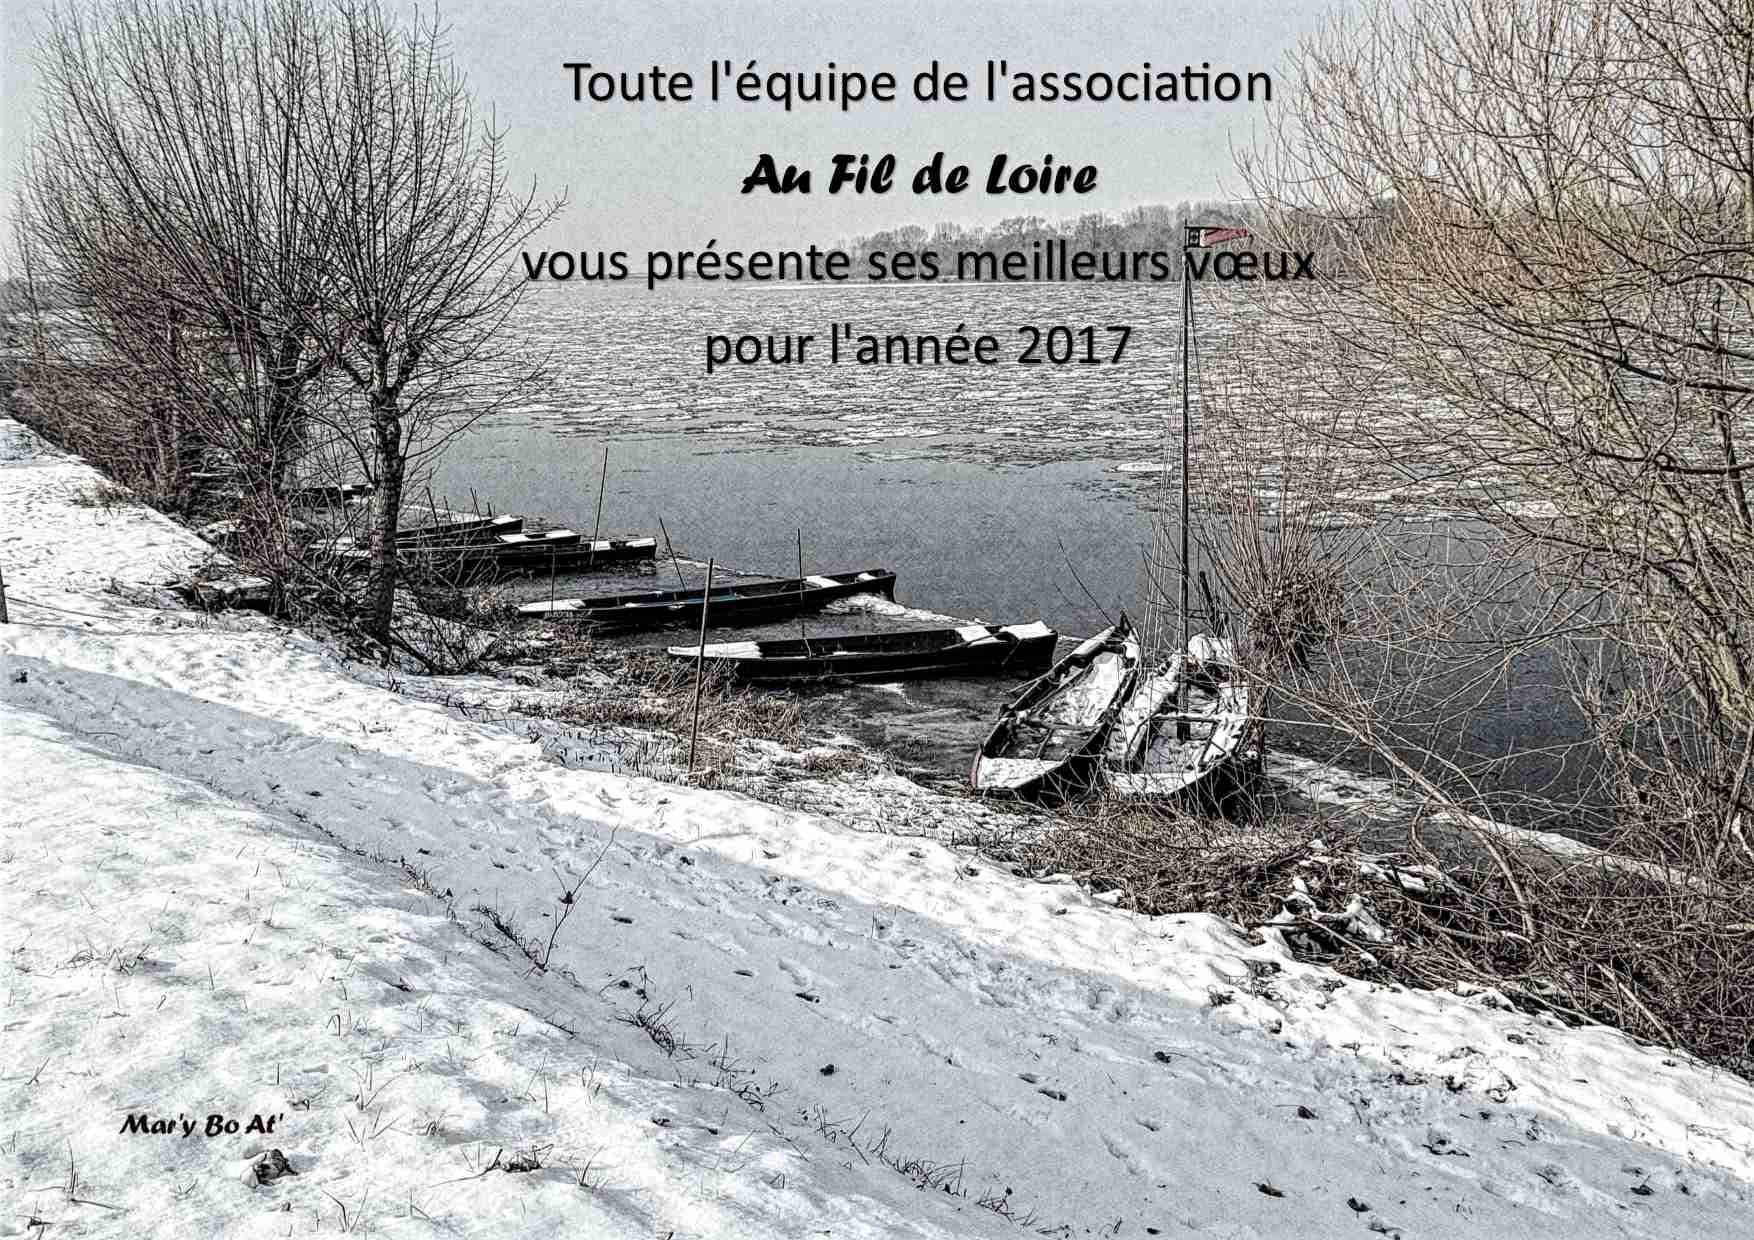 Voeux Au Fil de Loire_37_ 2017.jpg